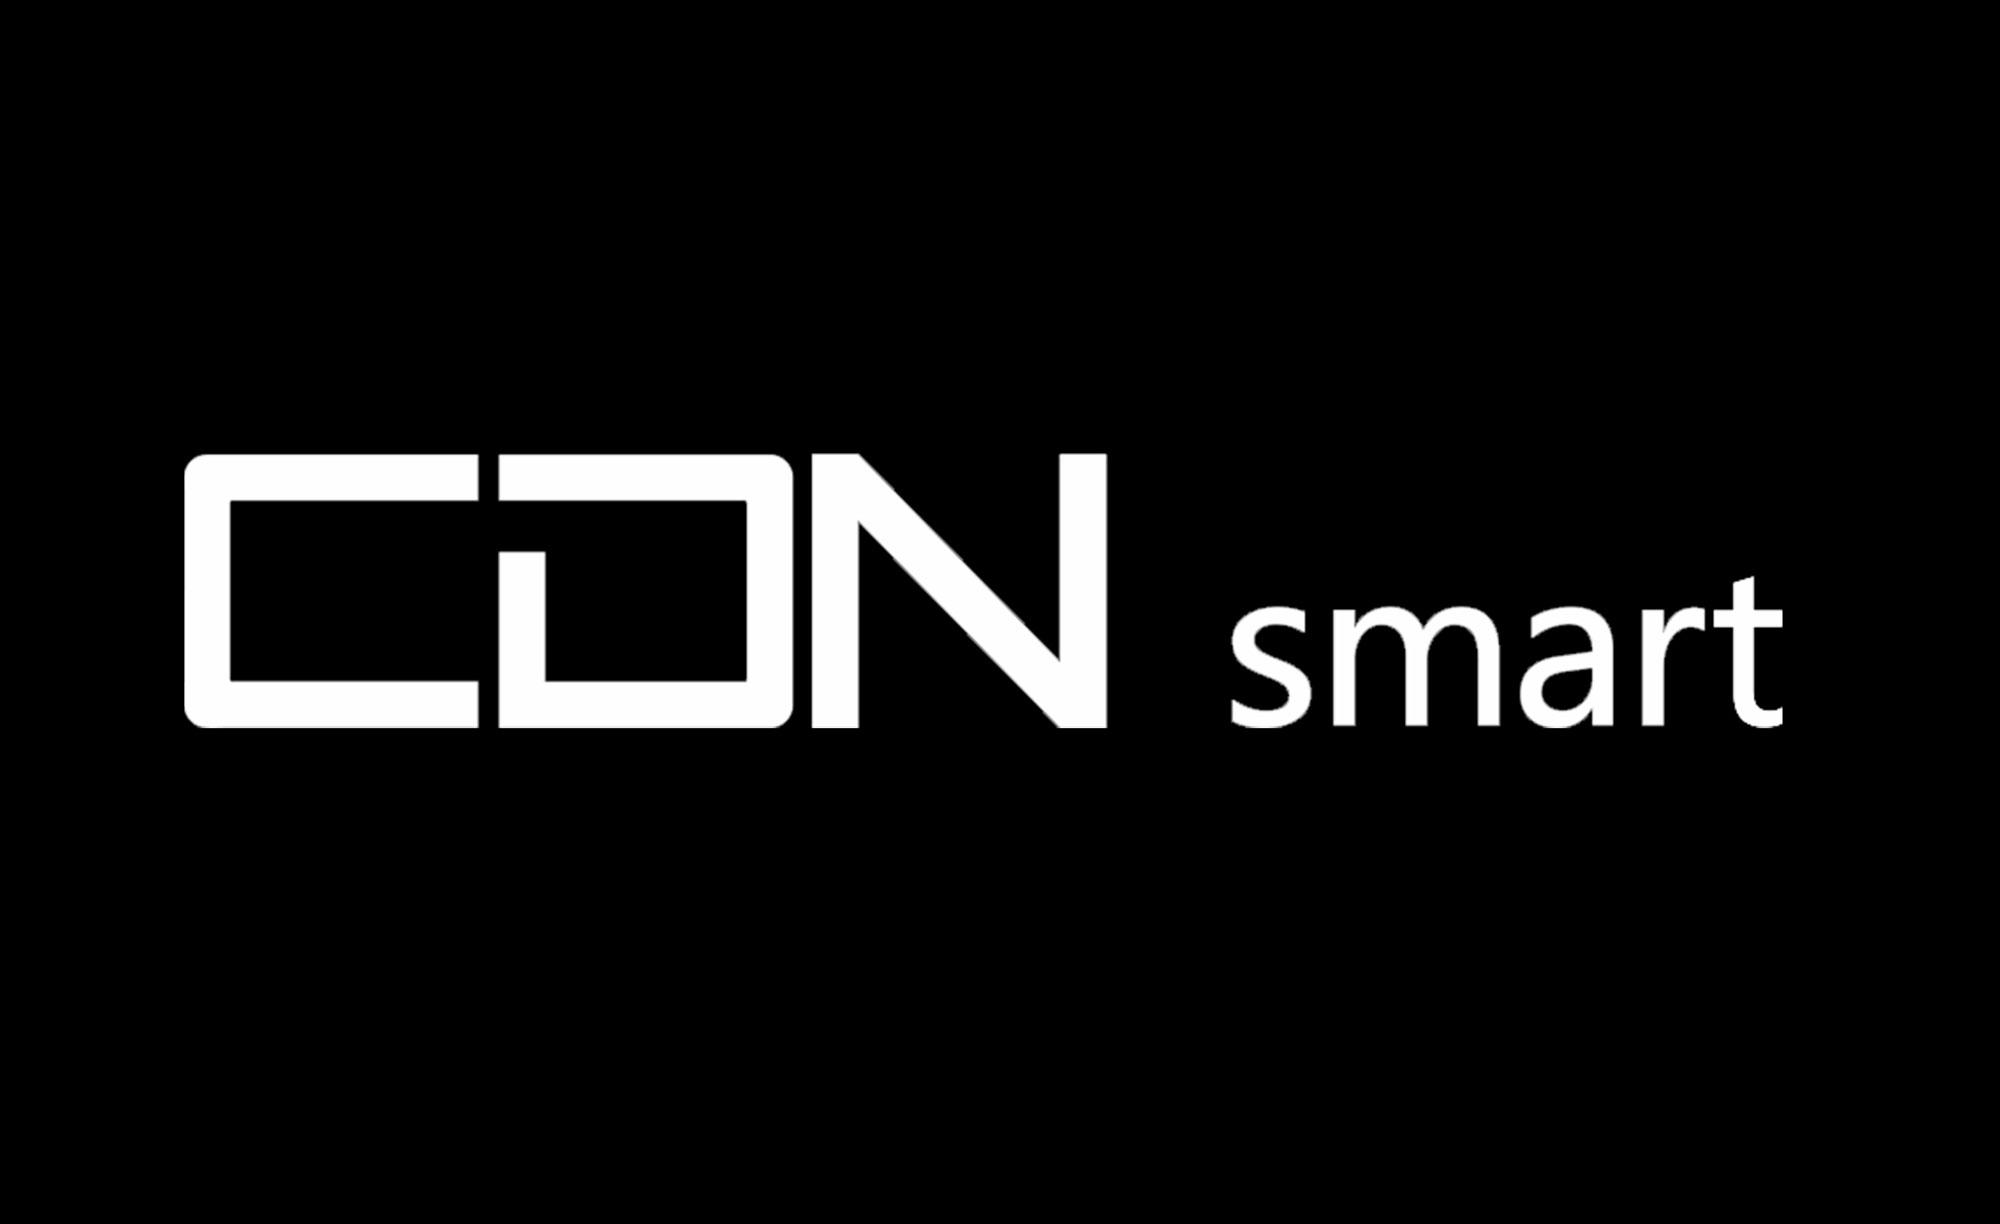 西顿智能家居签约犀牛云,打造智能家居品牌影响力